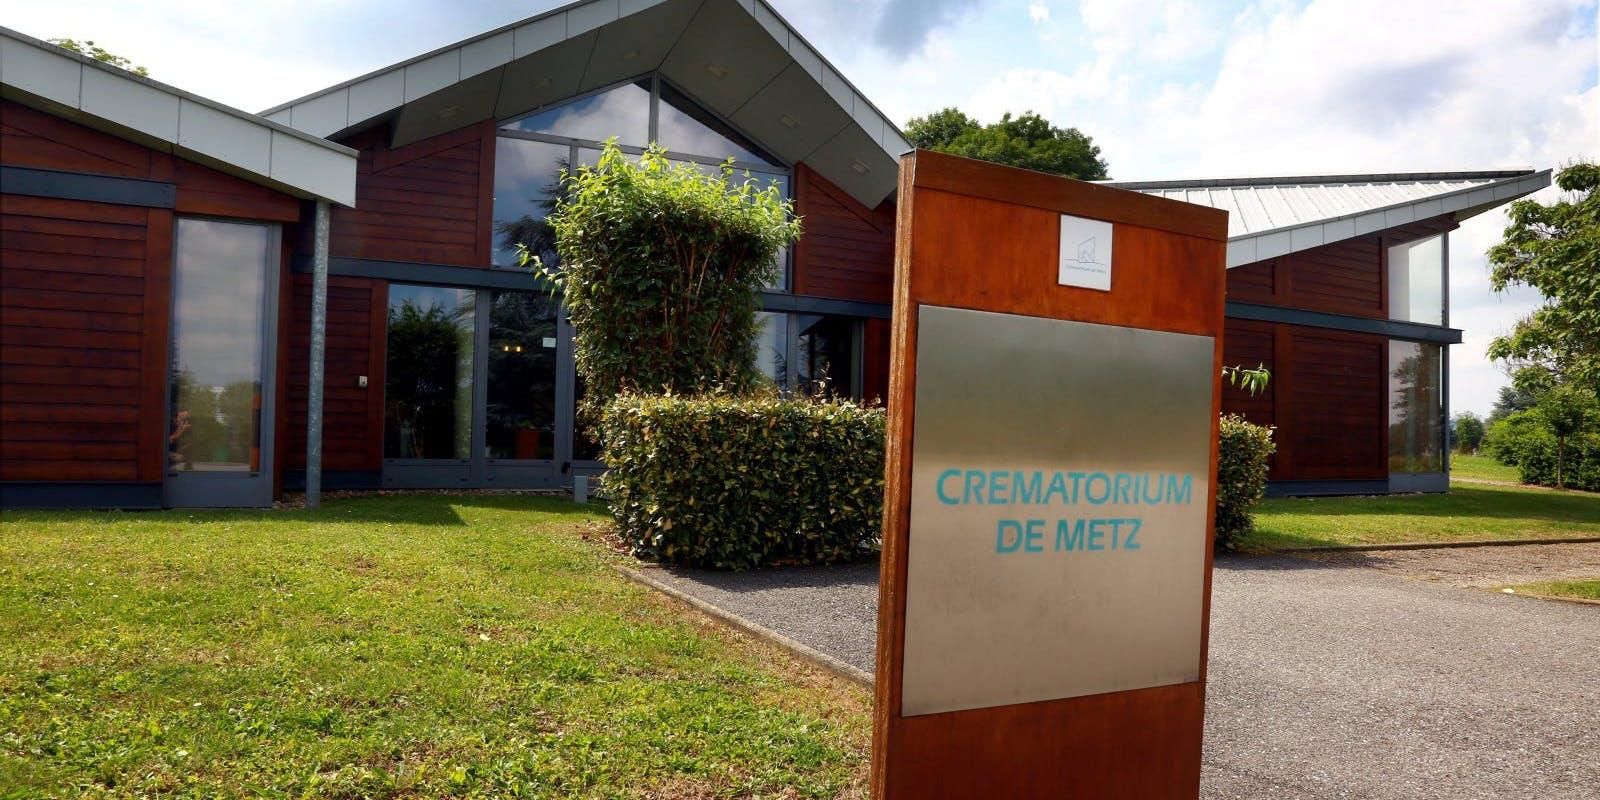 crematorium de metz